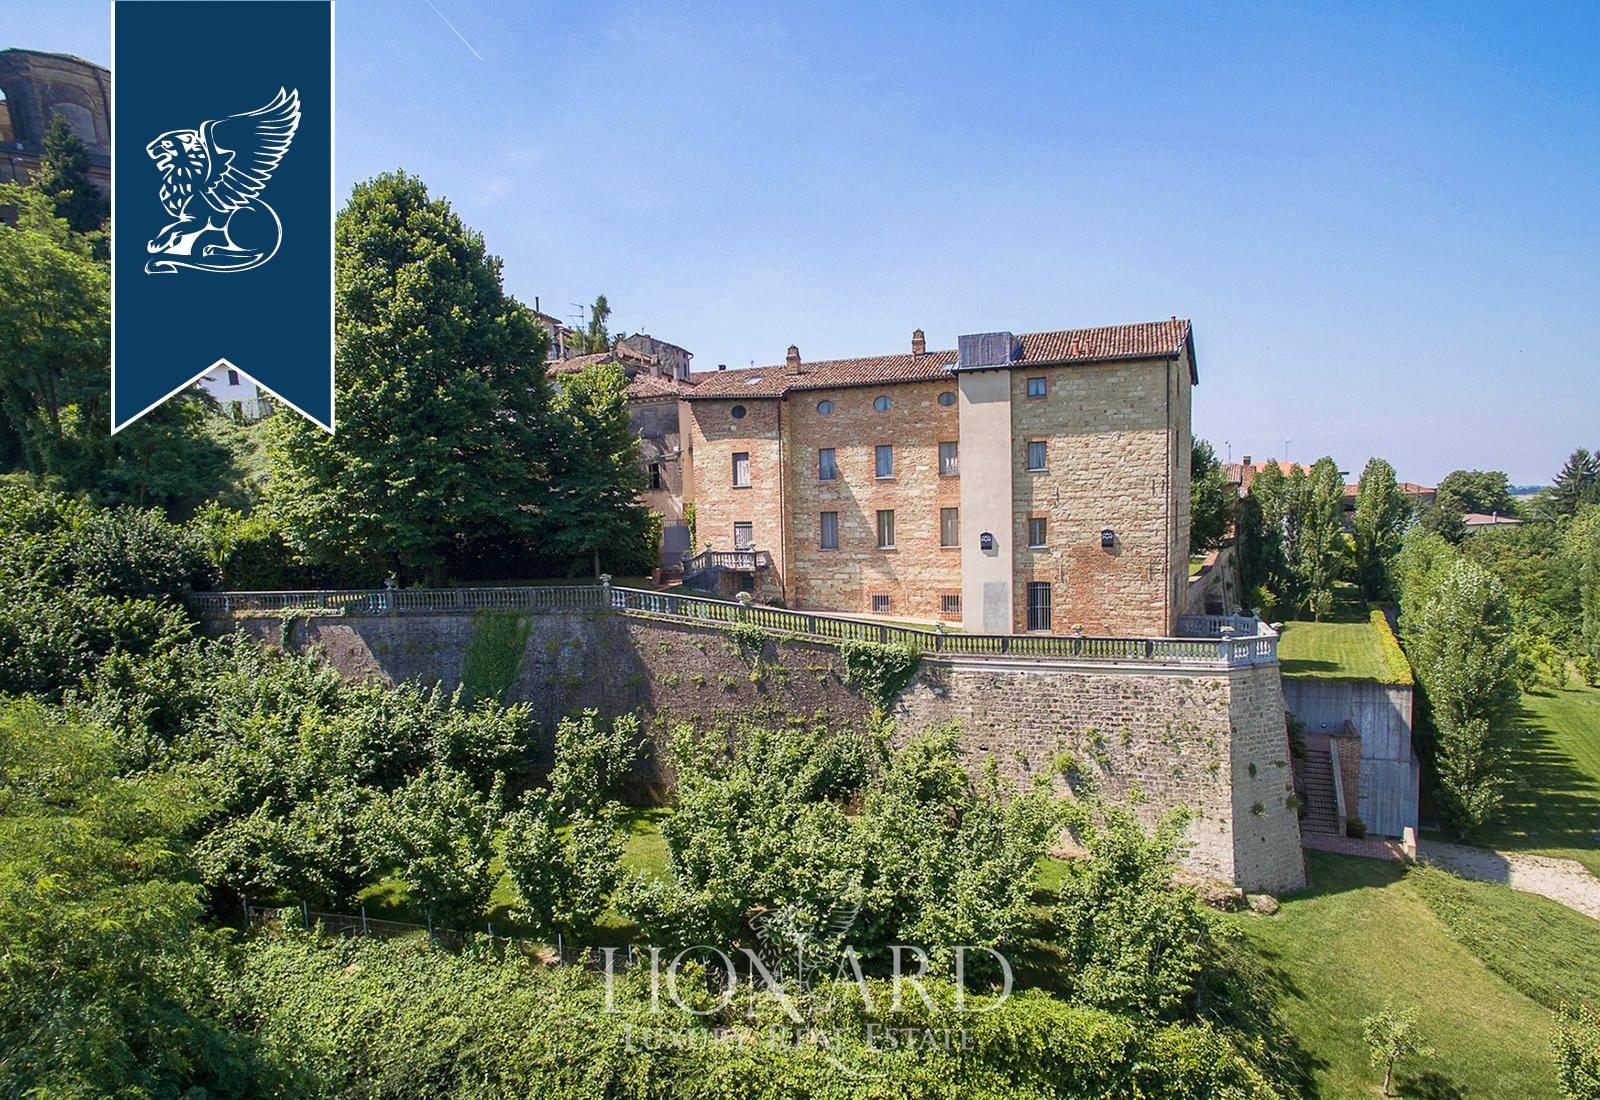 Villa in Vendita a Vignale Monferrato: 0 locali, 11520 mq - Foto 6